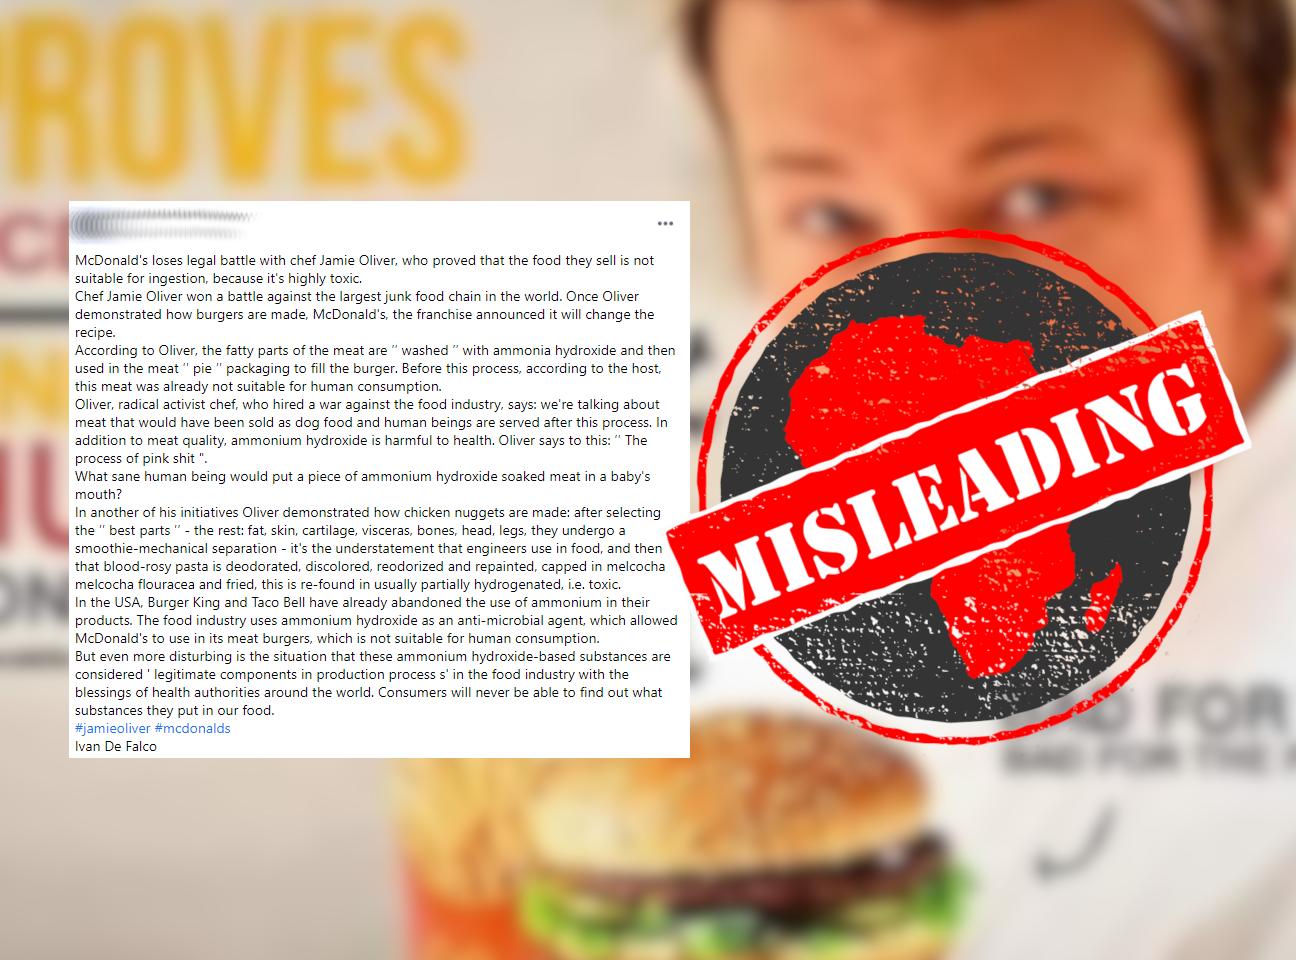 OliverMcdonalds_Misleading